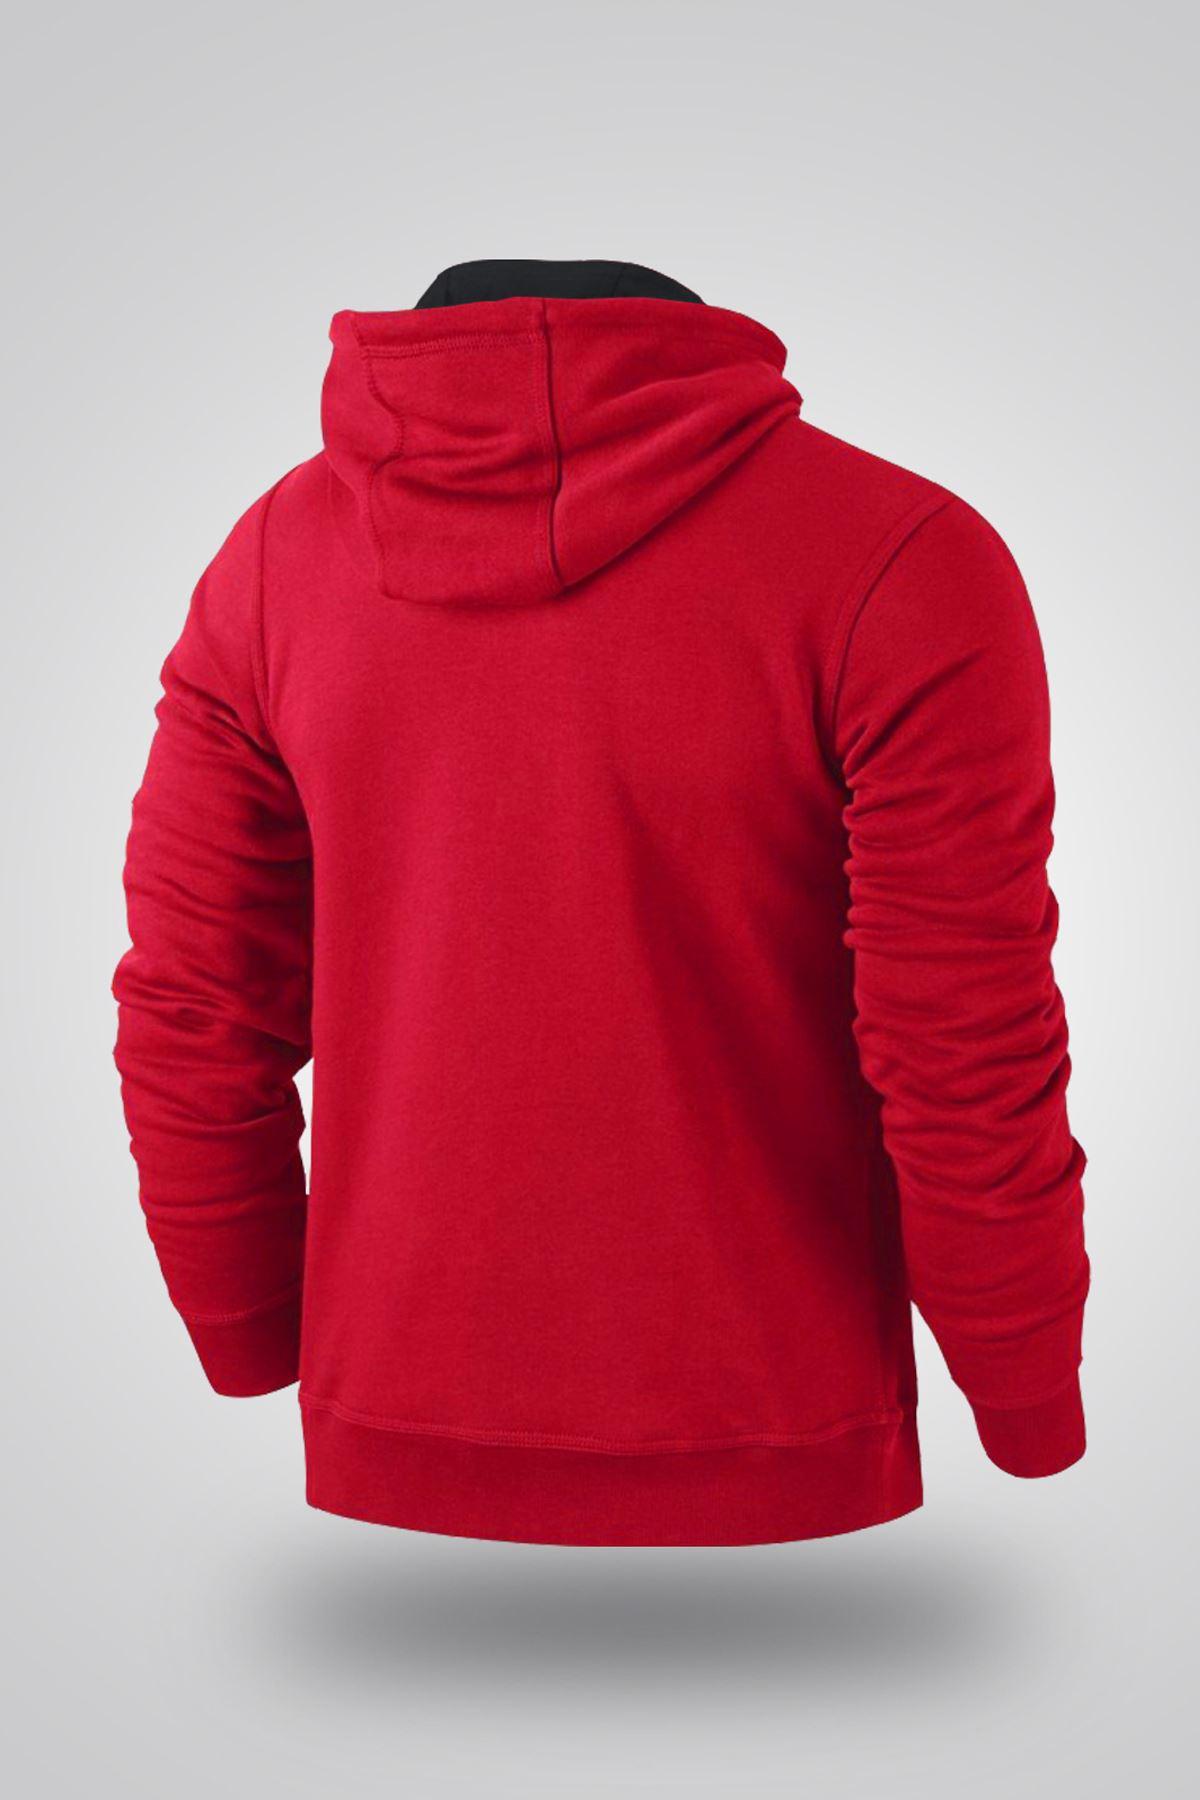 Air Jordan 05 Kırmızı NBA Erkek Kapşonlu Sweatshirt - Hoodie